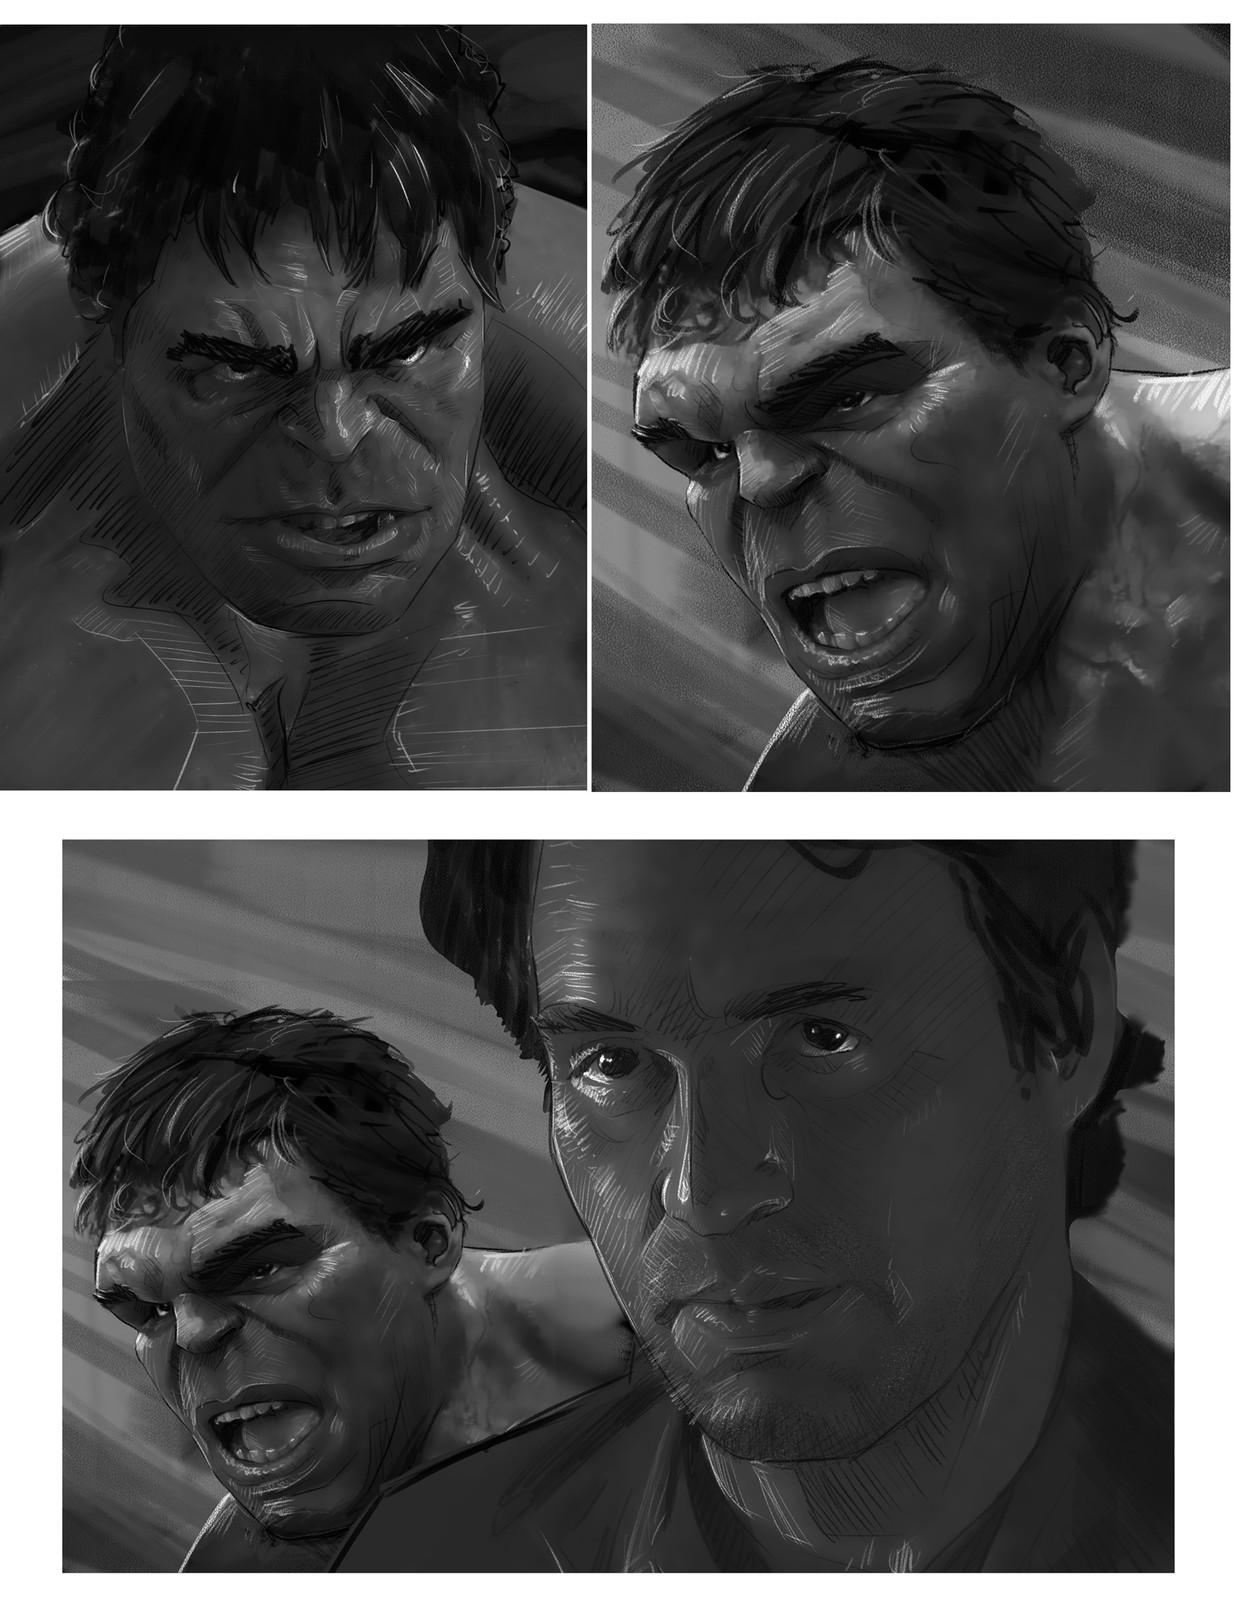 Hulk Skteches